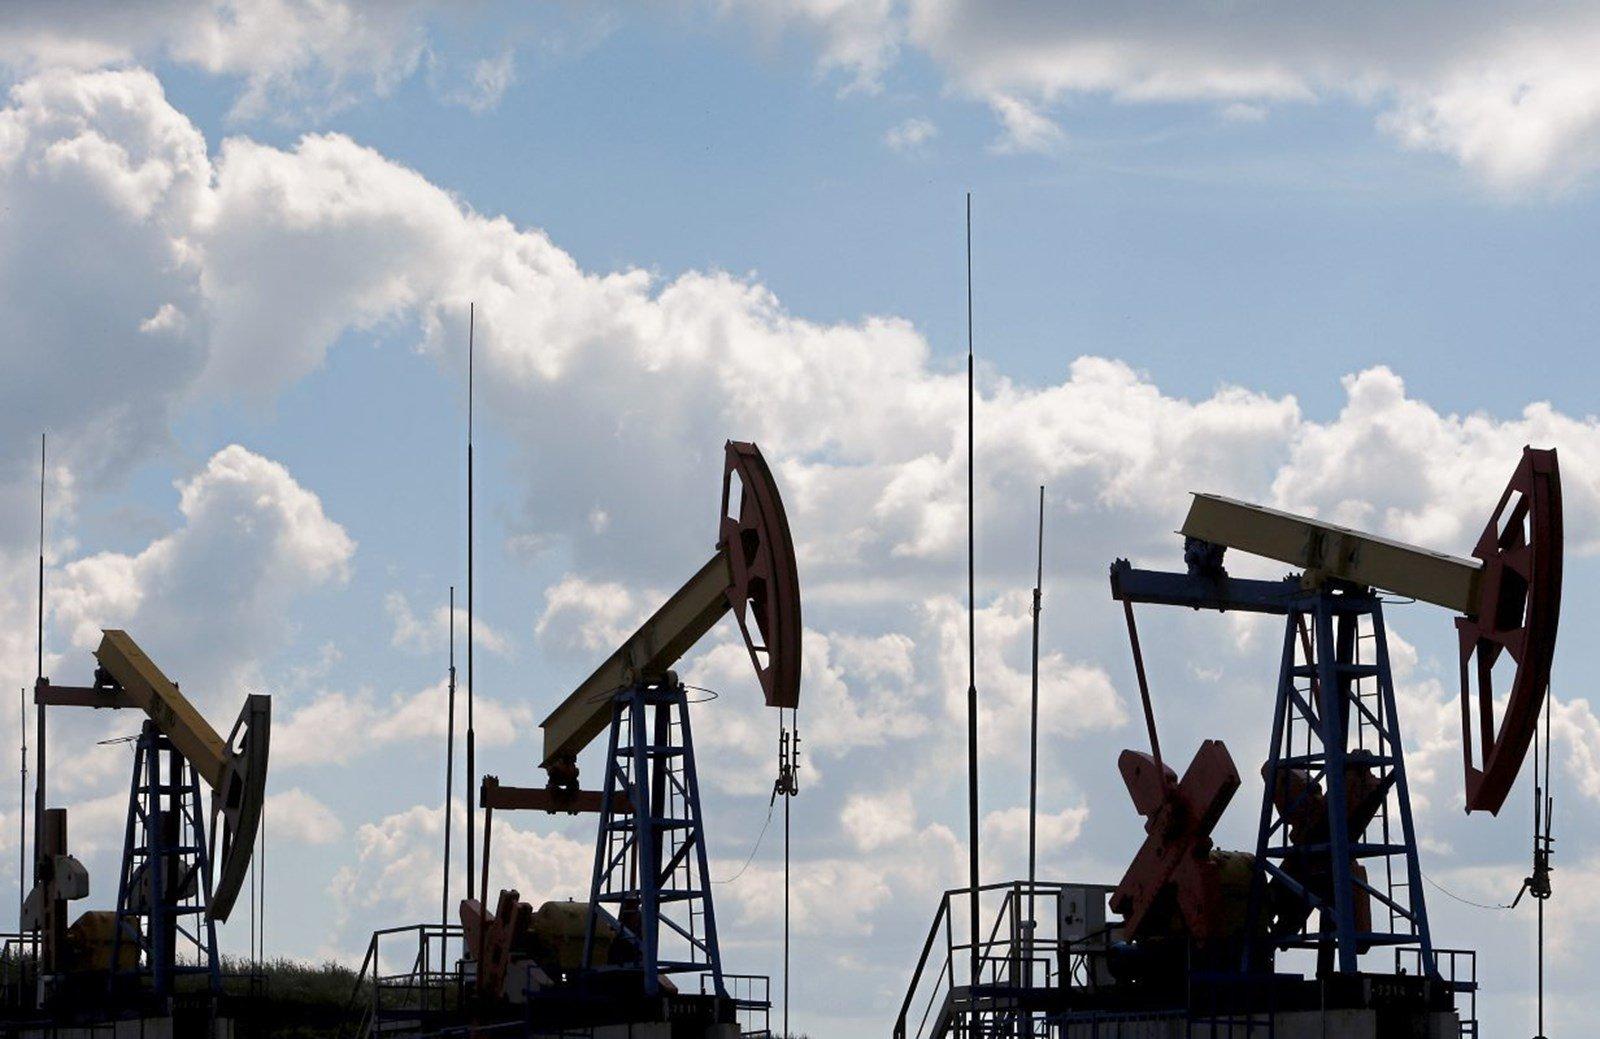 СМИ Австрии: Кремль не собирается сокращать добычу нефти